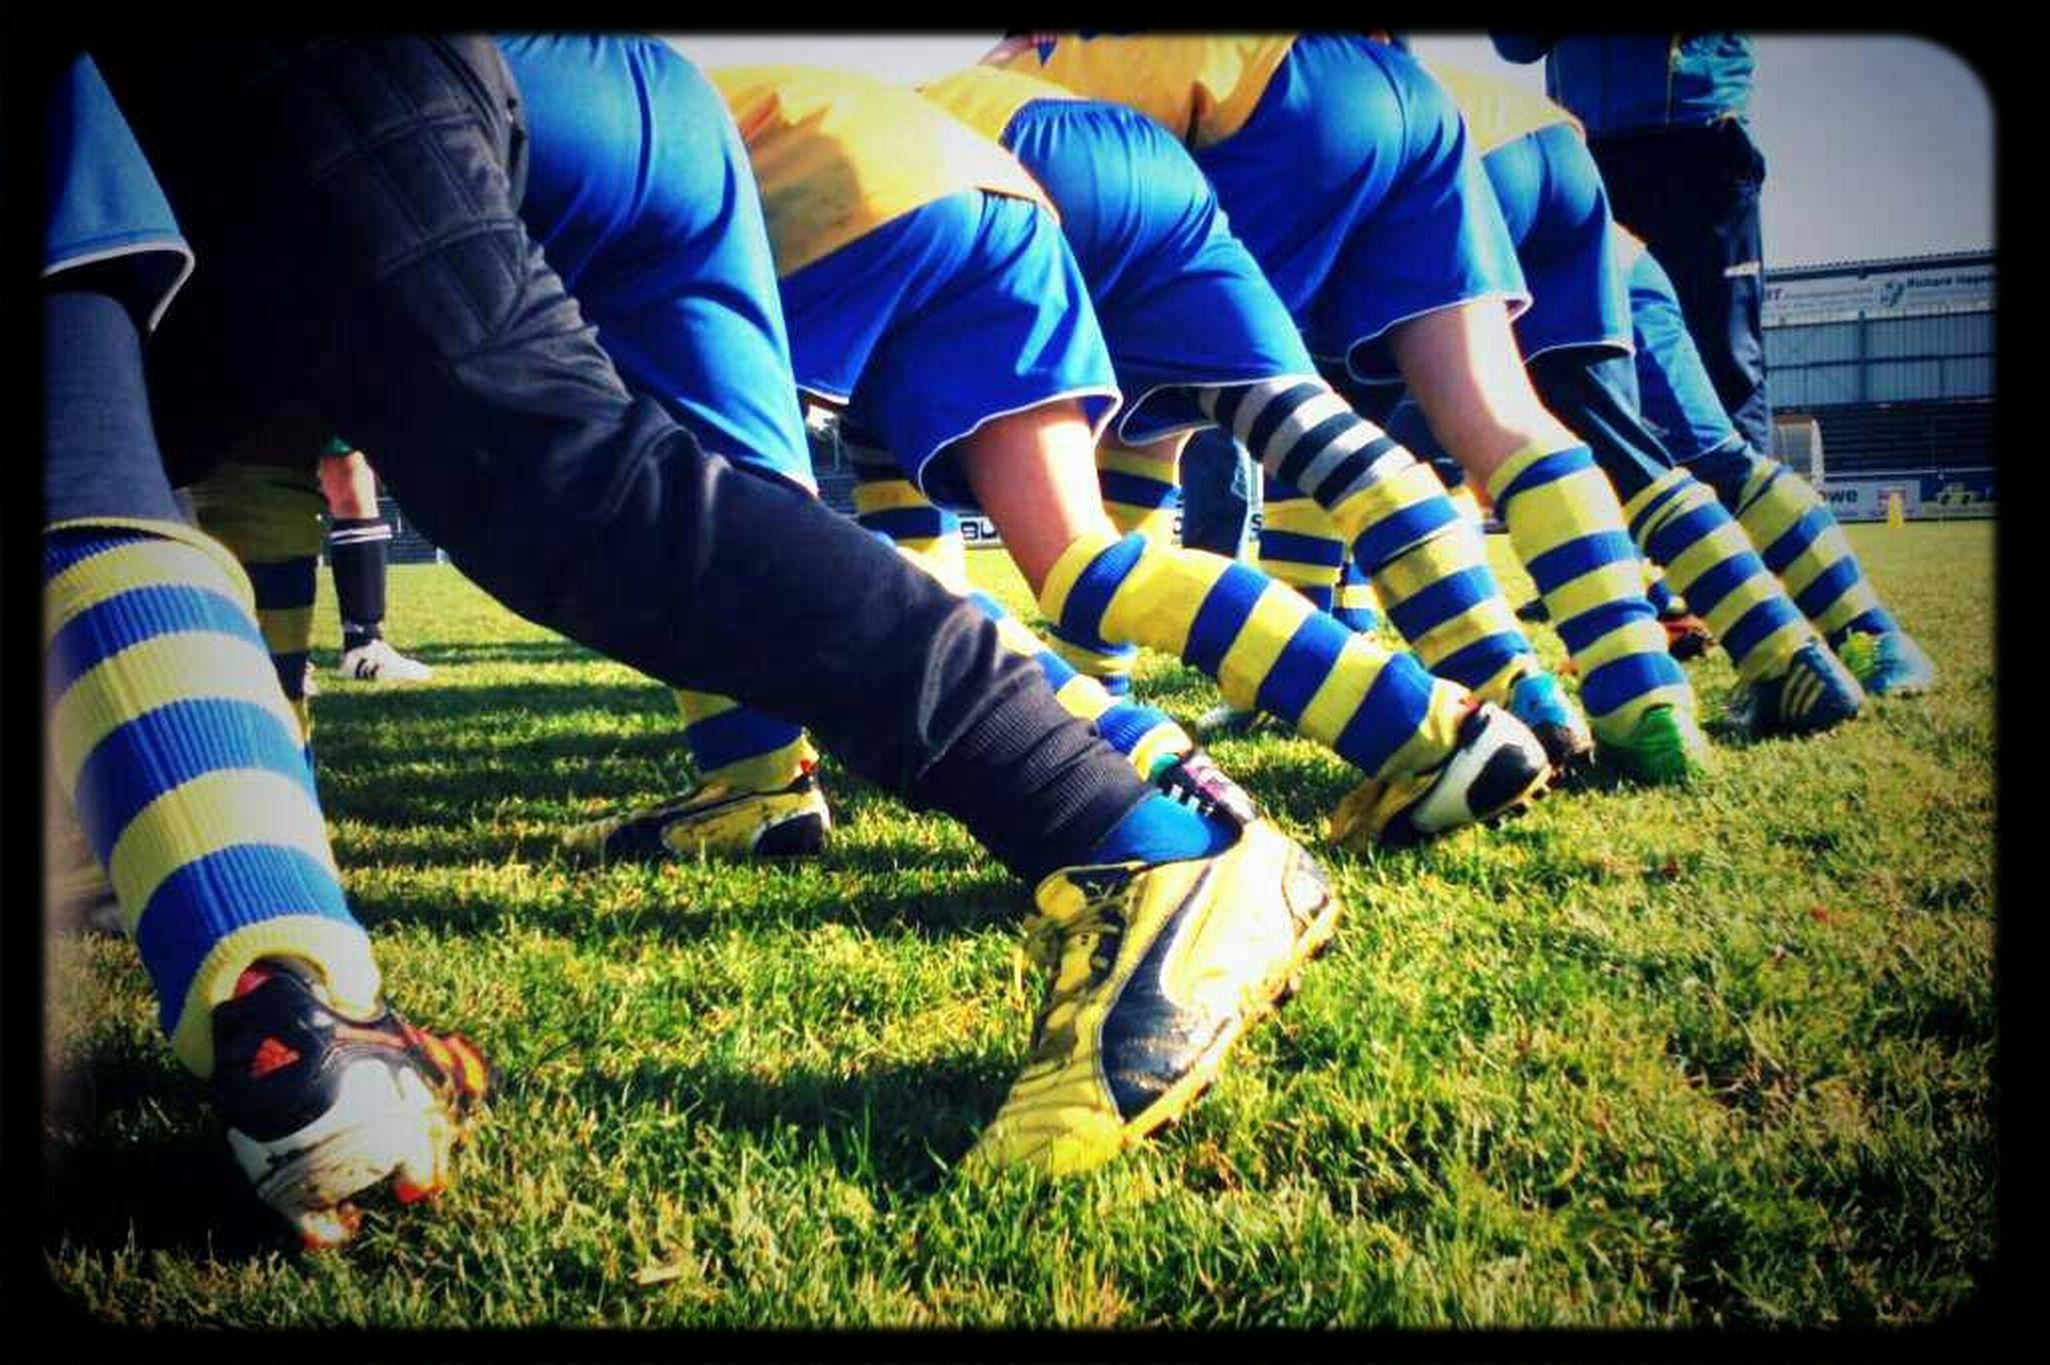 Jugendfussball Tsg Dülmen Dülmen